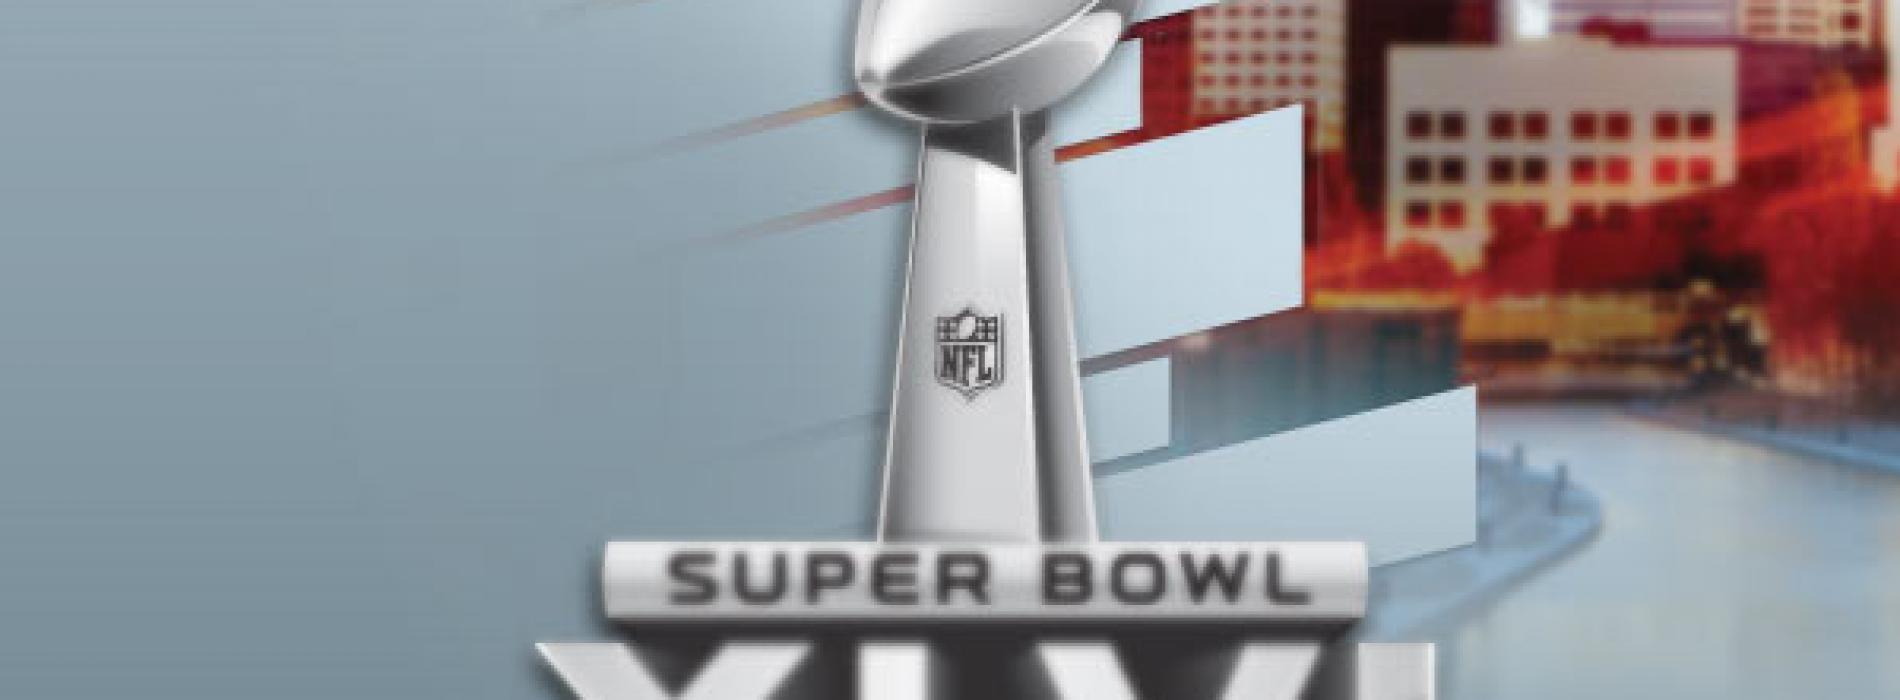 Super Bowl XLVI to be streamed live online, over NFL Mobile app